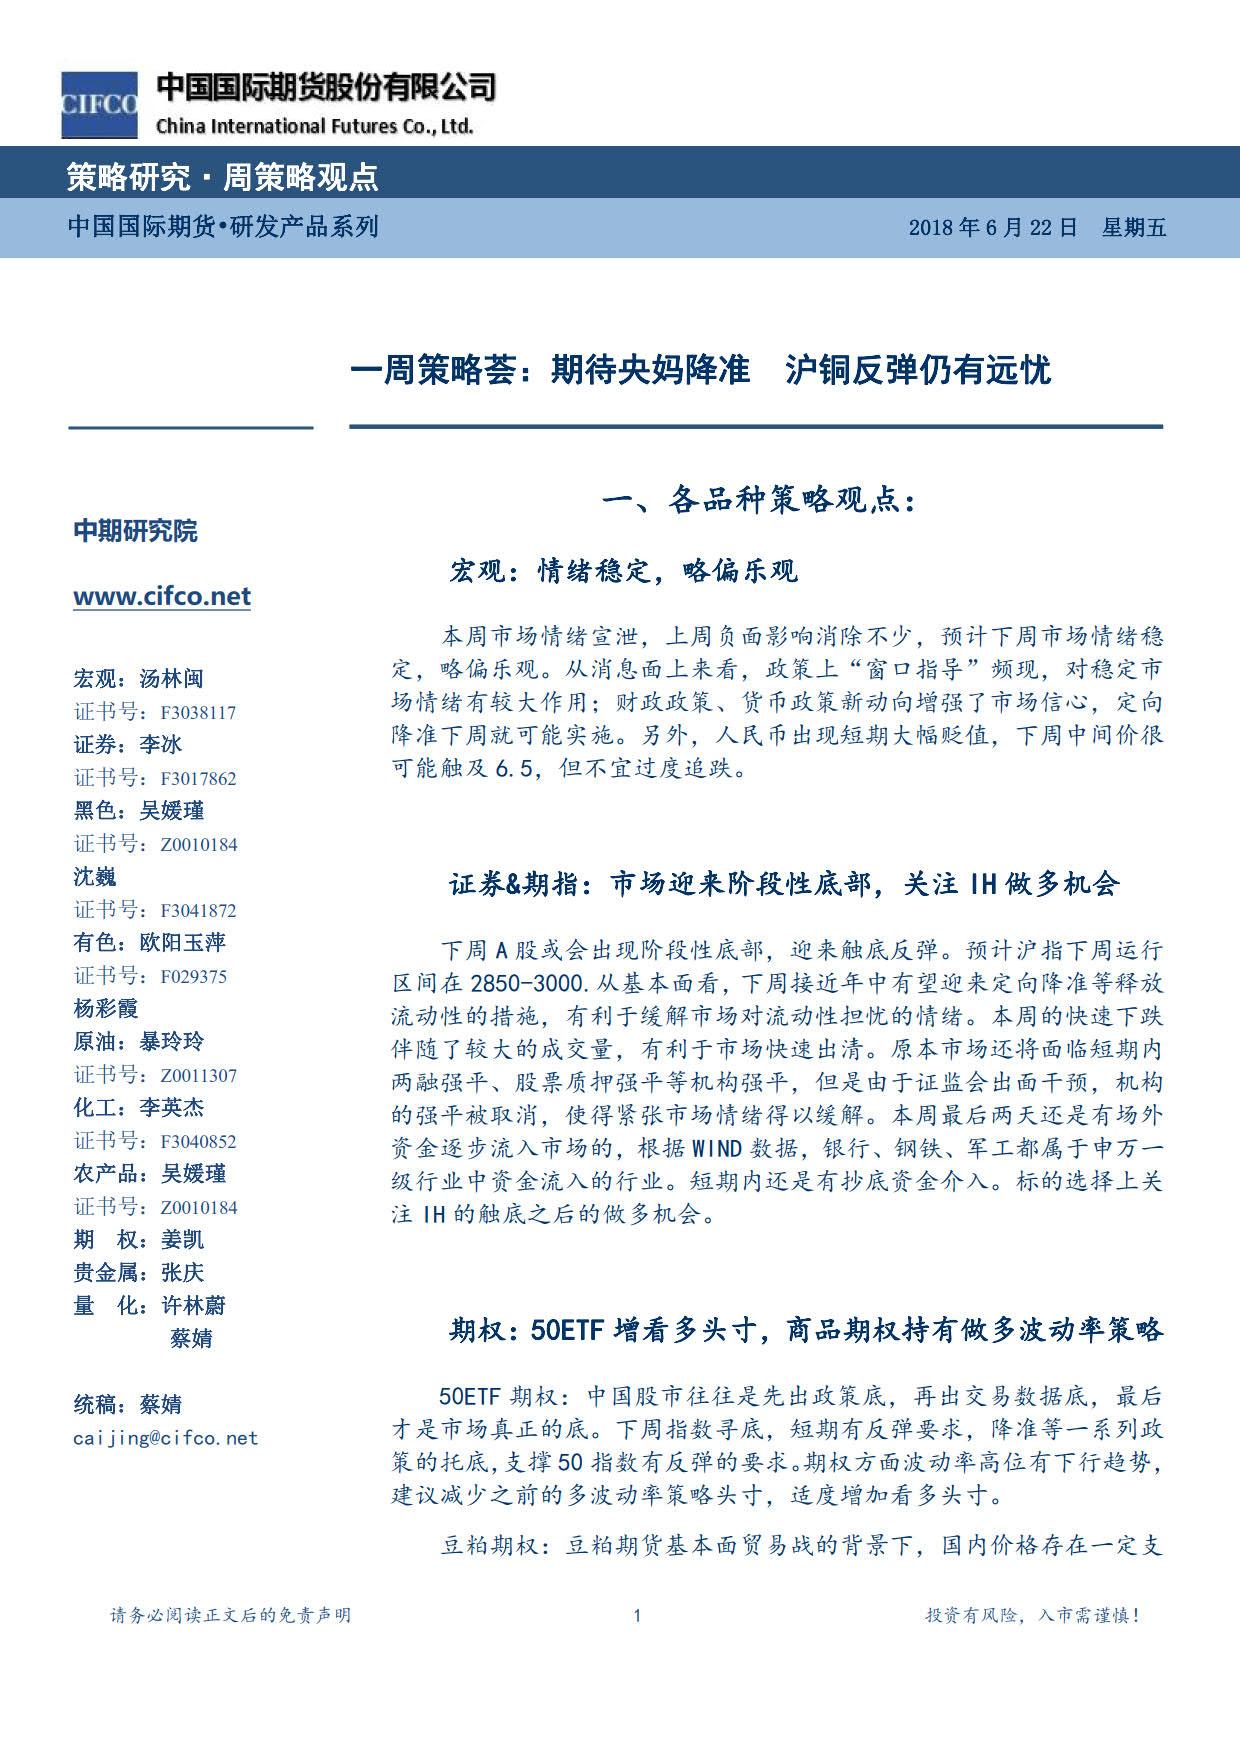 8【周策略会议】期待央妈降准,沪铜反弹仍有远忧_1.jpg